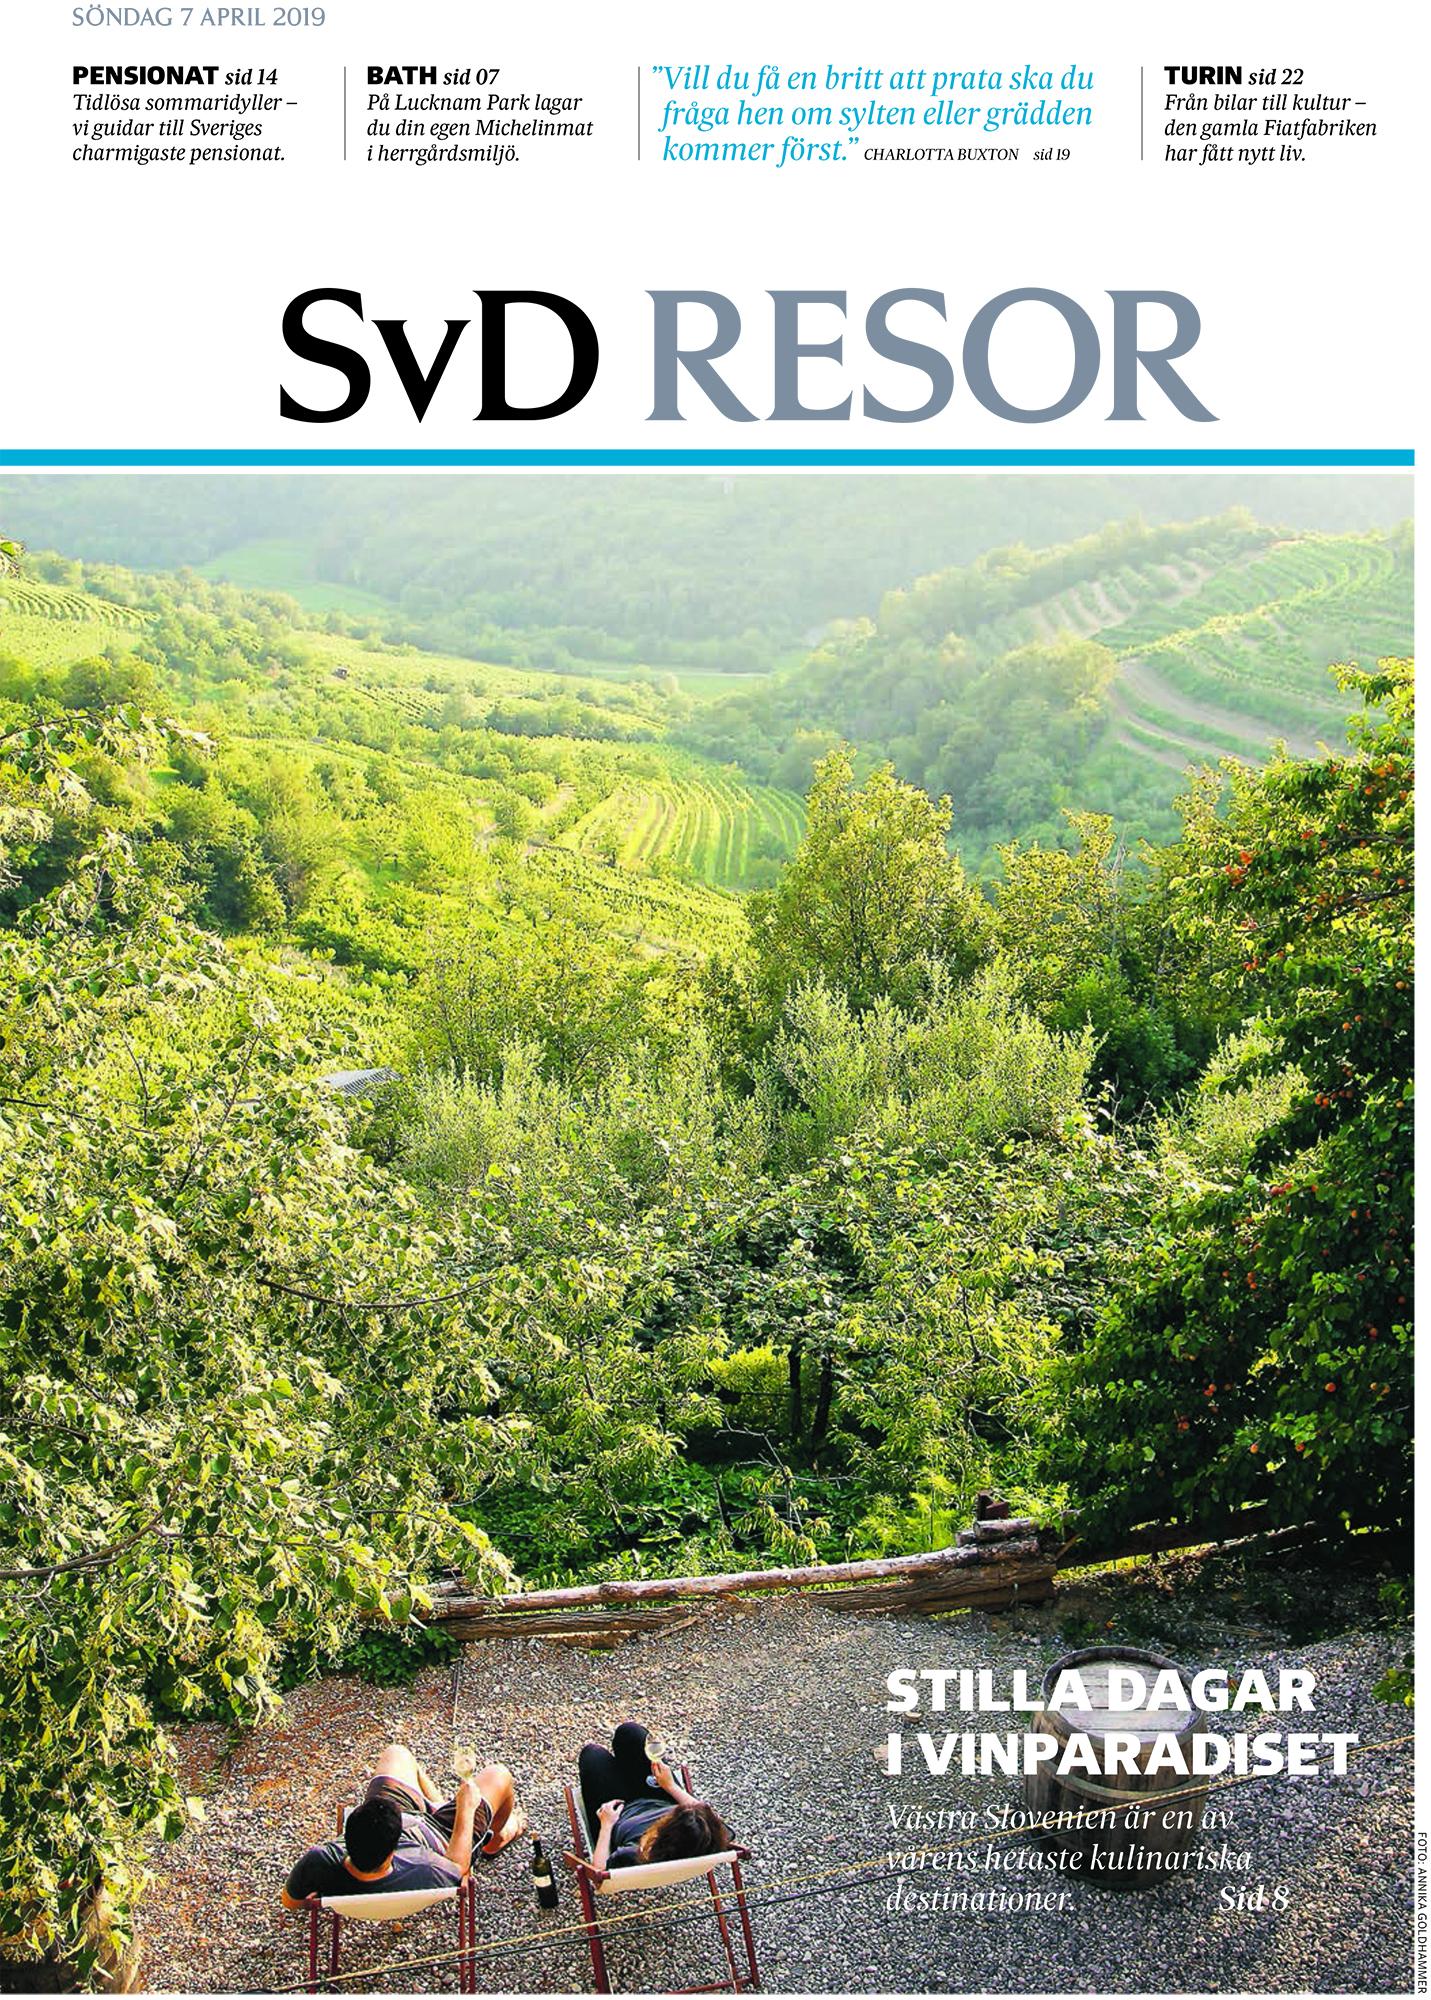 Västra Slovenien – Svenska Dagbladet